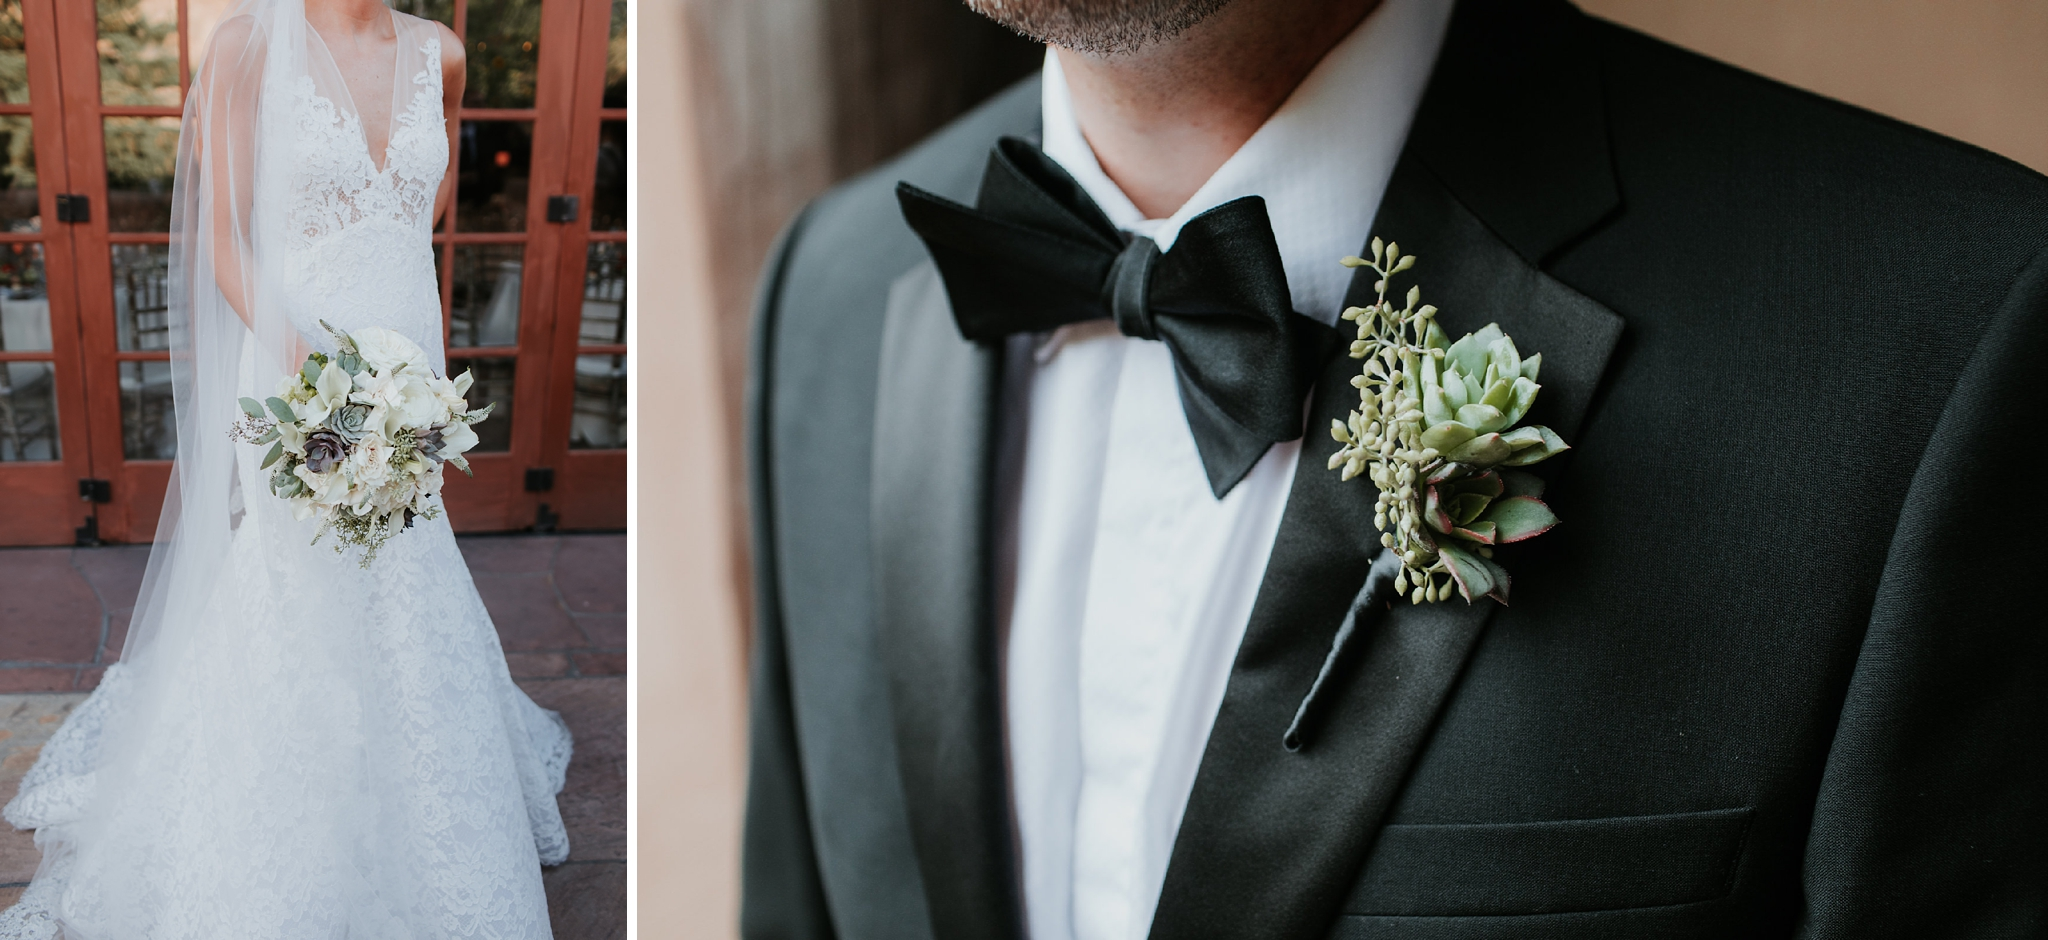 Alicia+lucia+photography+-+albuquerque+wedding+photographer+-+santa+fe+wedding+photography+-+new+mexico+wedding+photographer+-+new+mexico+wedding+-+summer+wedding+-+summer+wedding+florals+-+southwest+wedding_0105.jpg